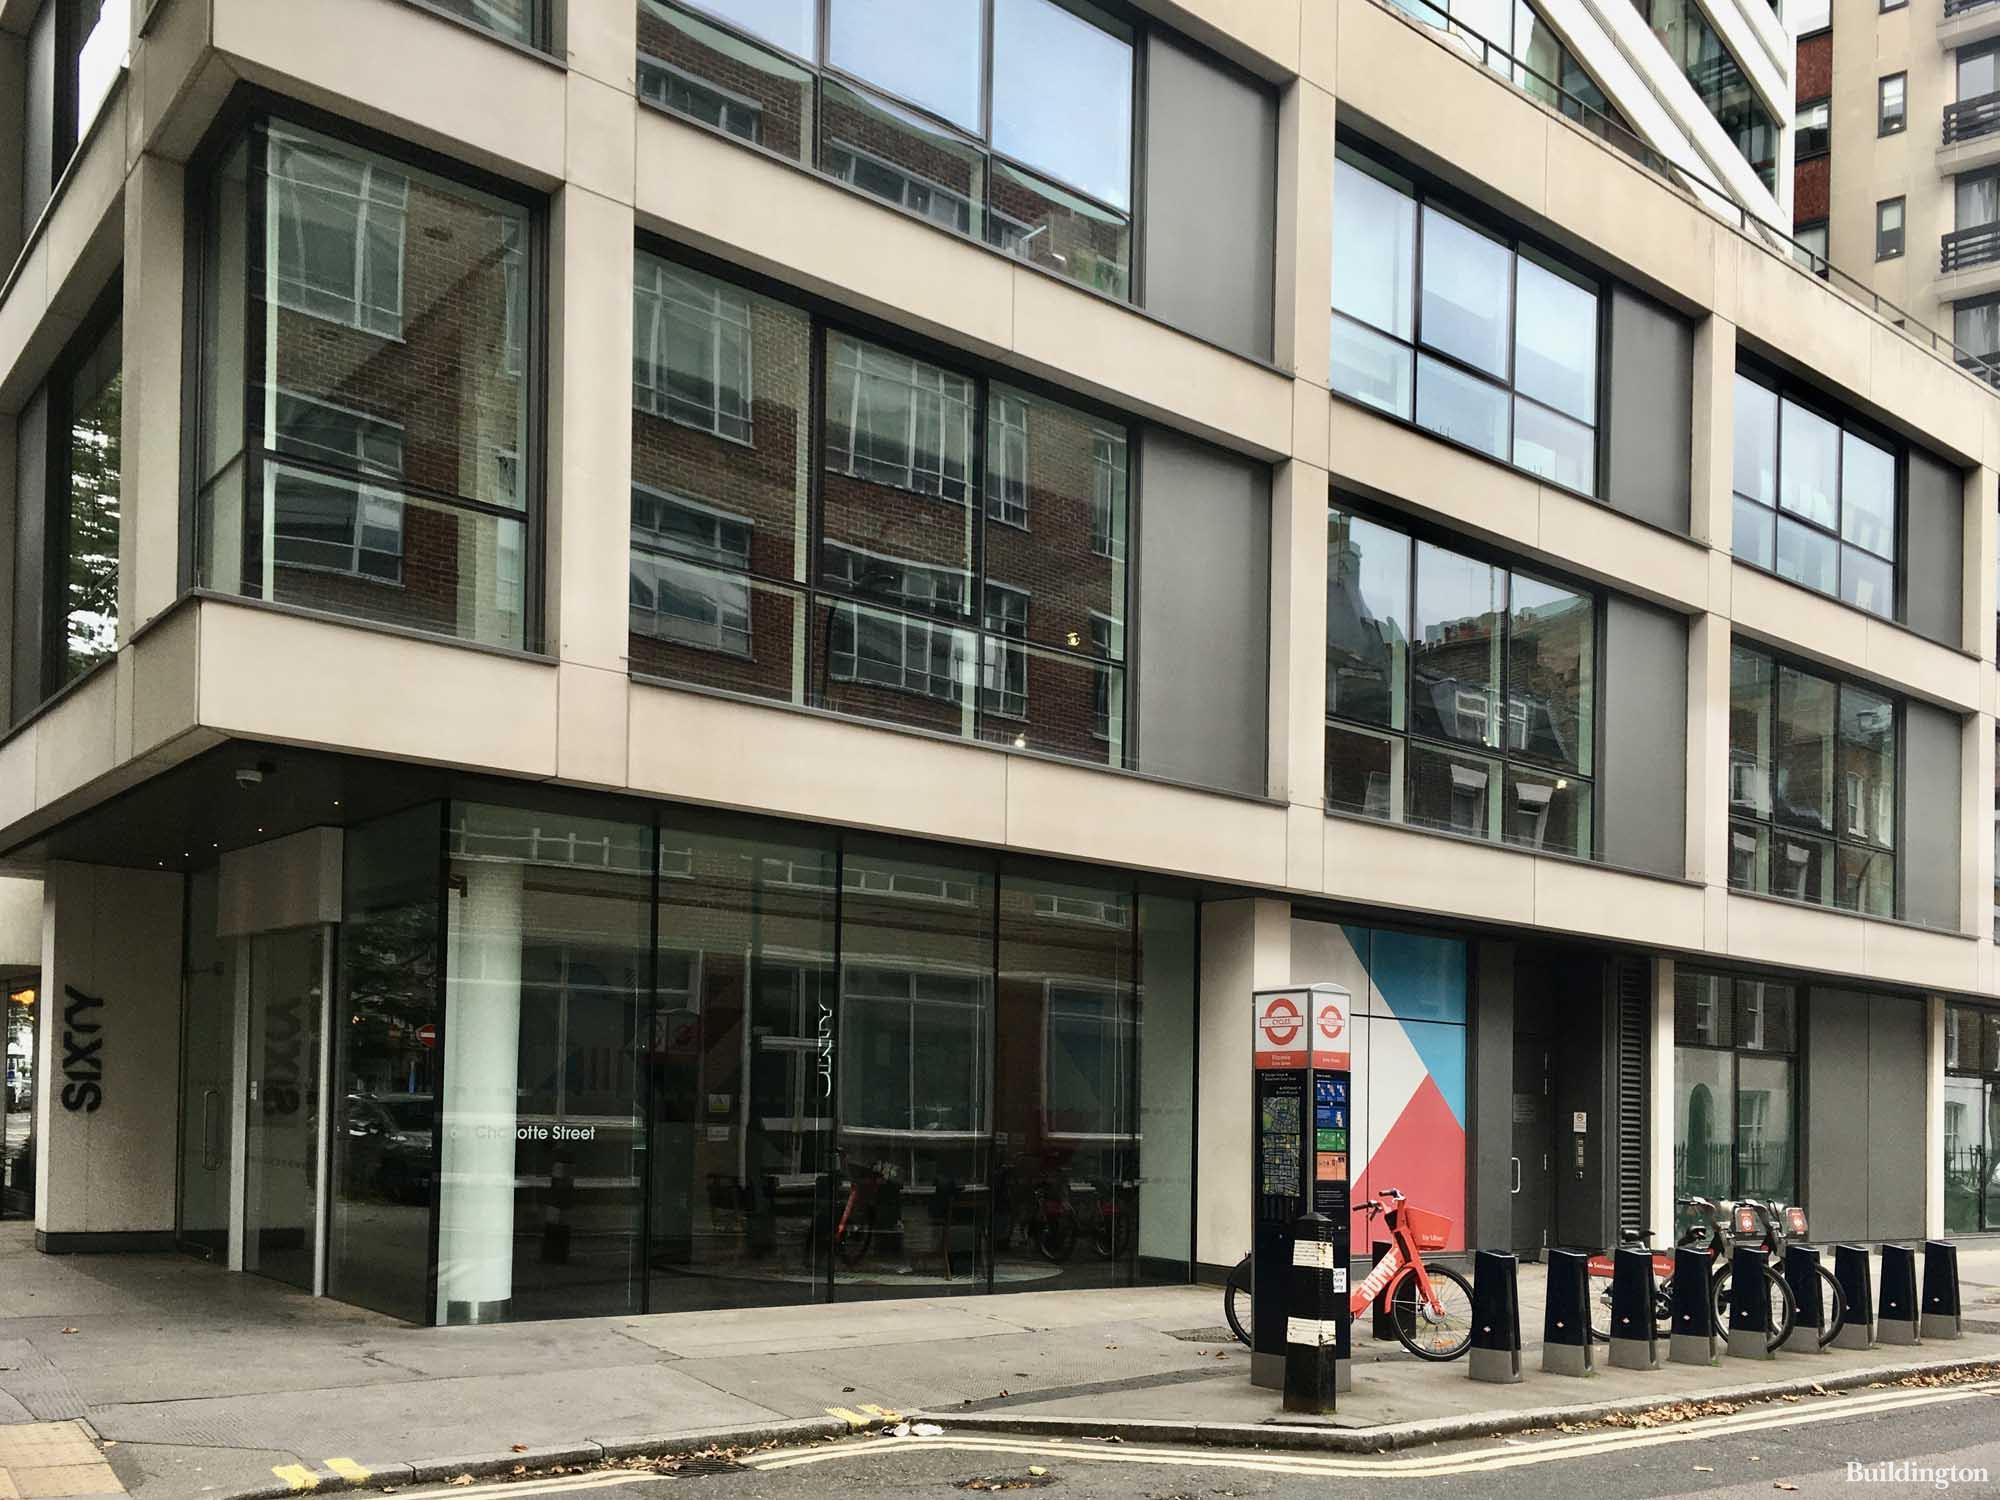 Before the refurbishment, in 2019 - 60 Fitzrovia Street office building in Fitzrovia, London W1.